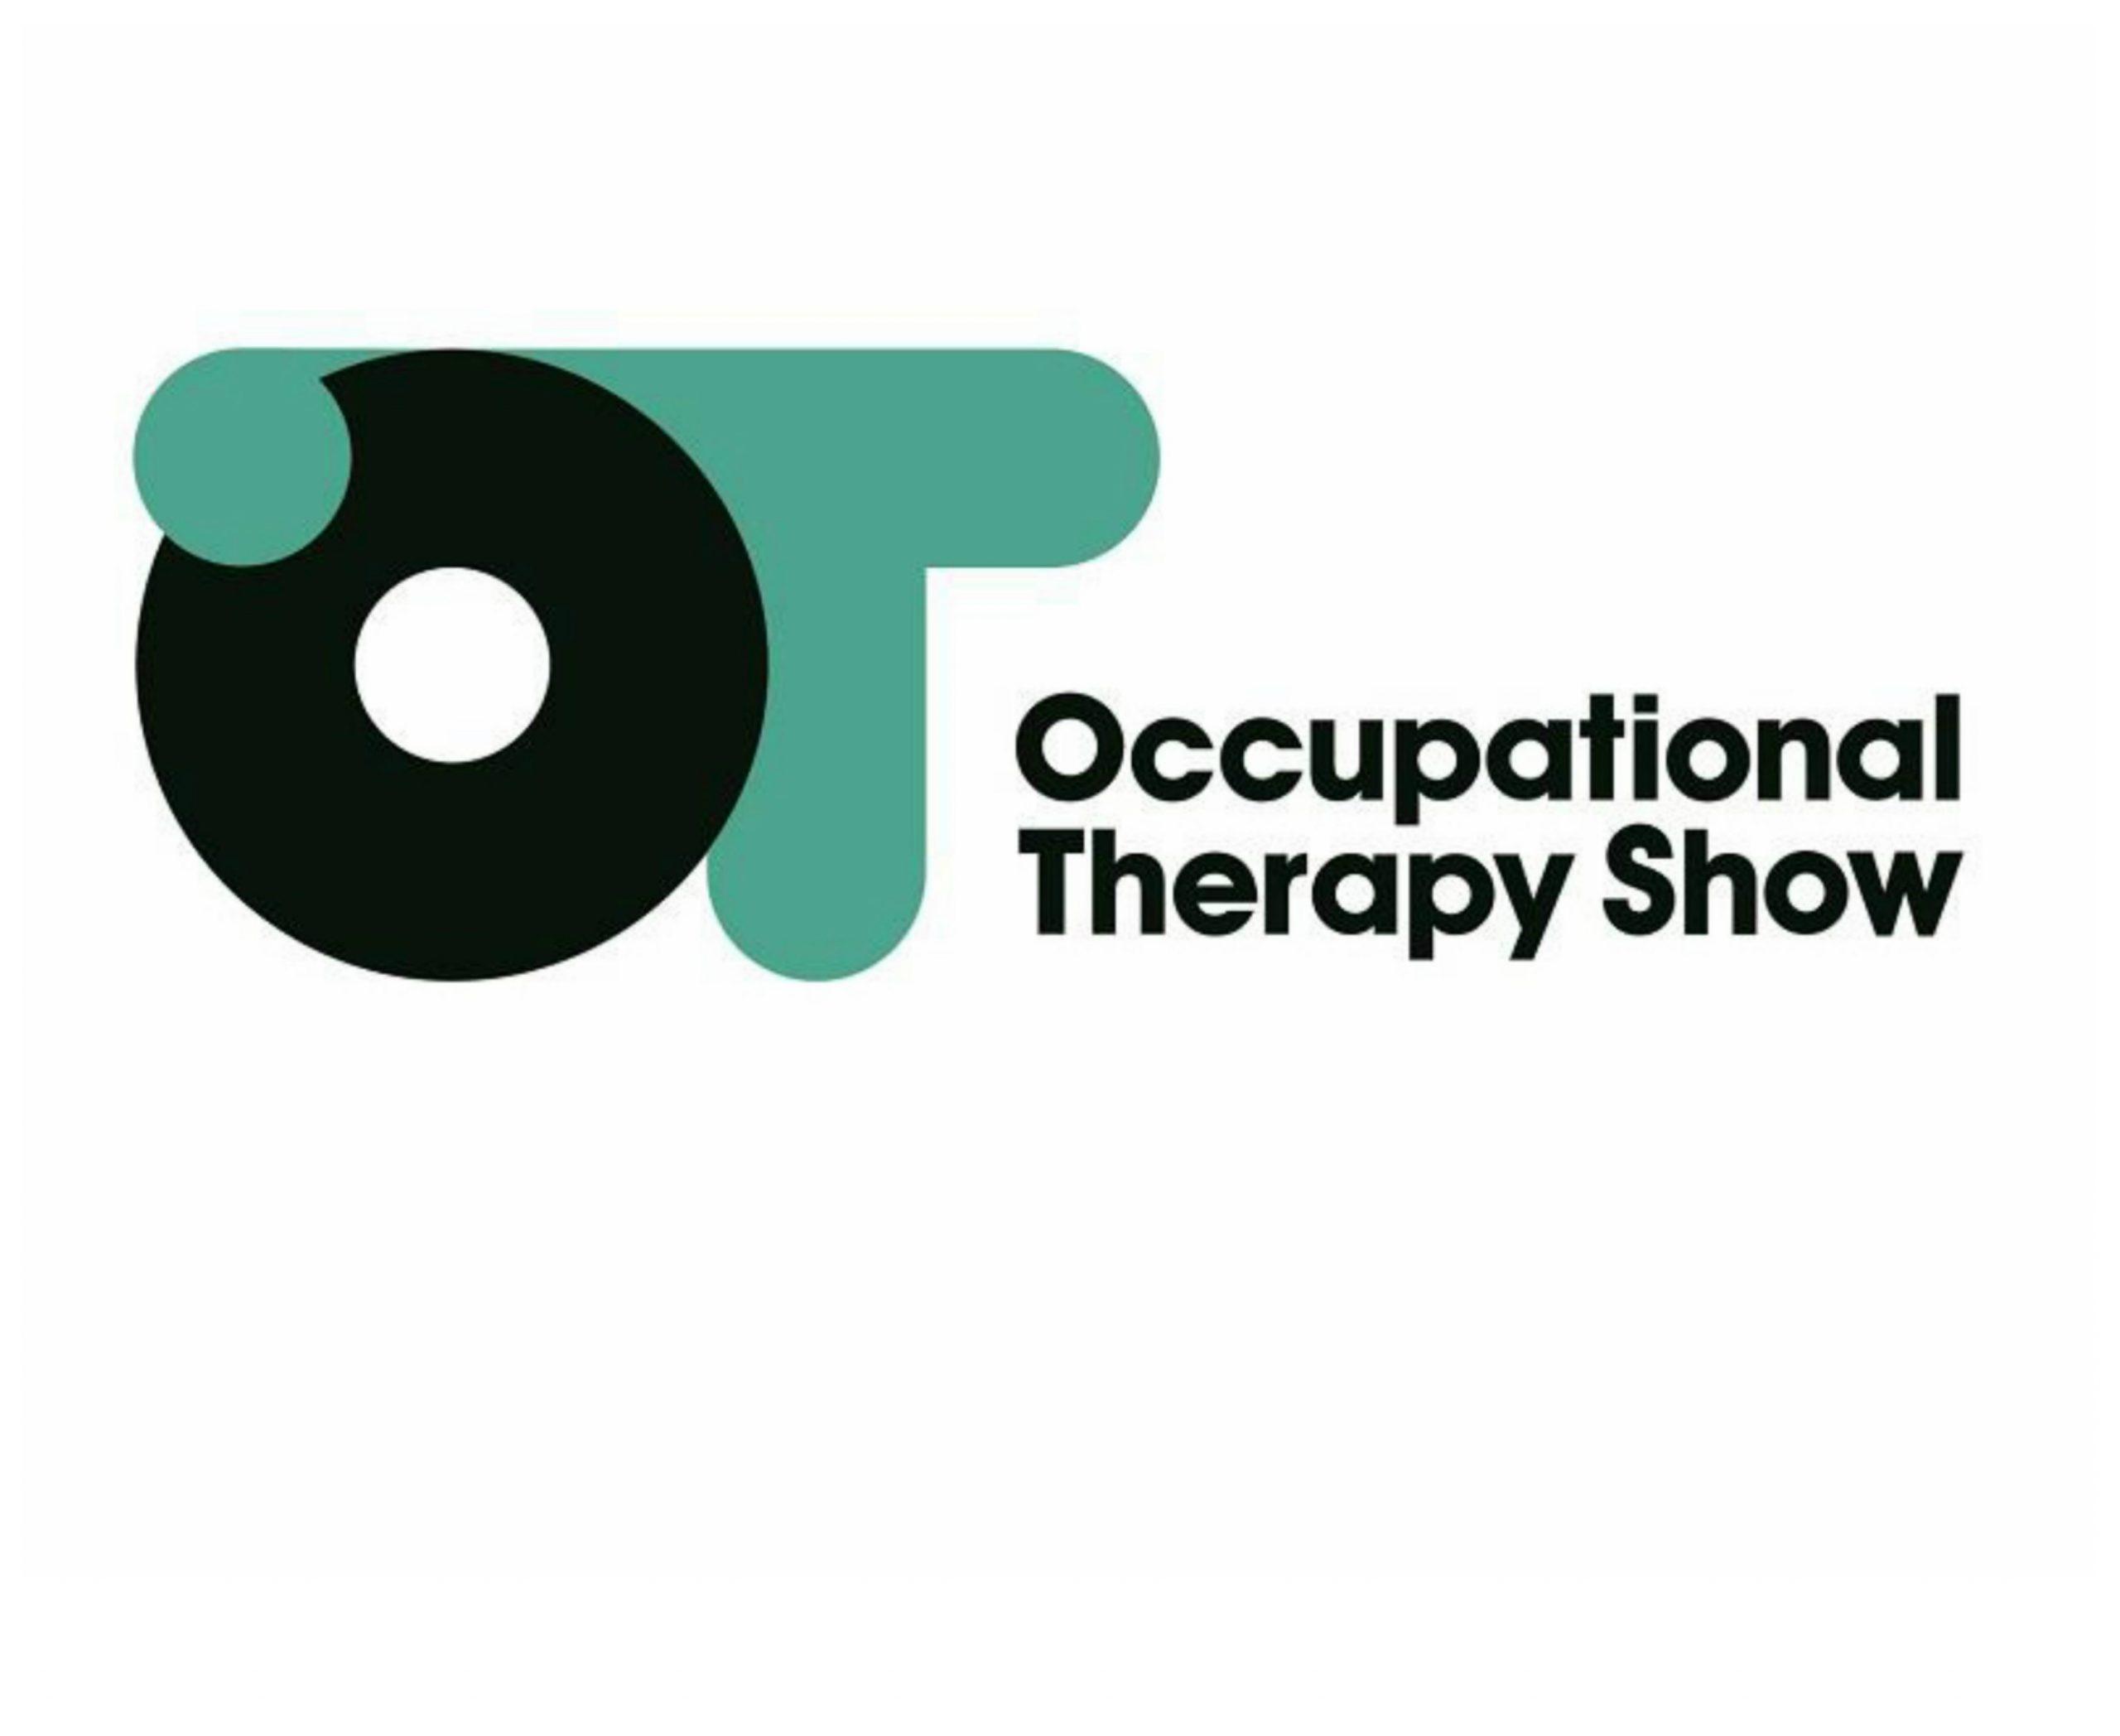 OT Show 2021